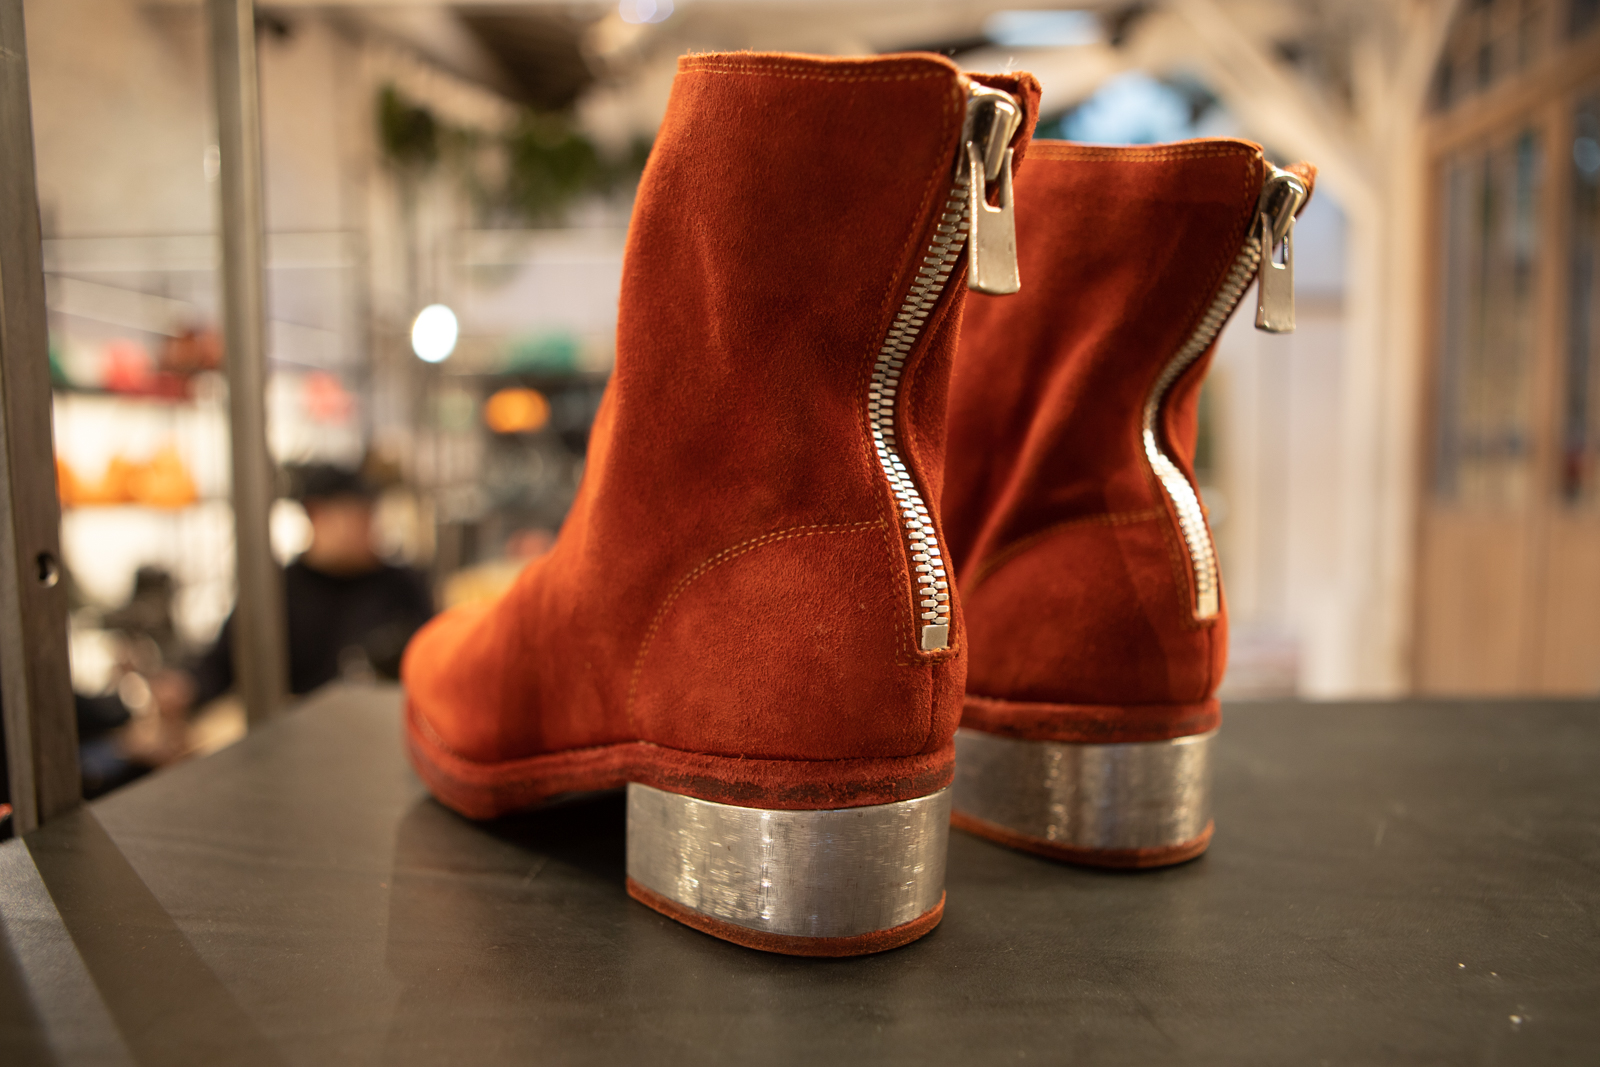 Guidi Metal Heel Back Zip Boots in Orange Suede FW20